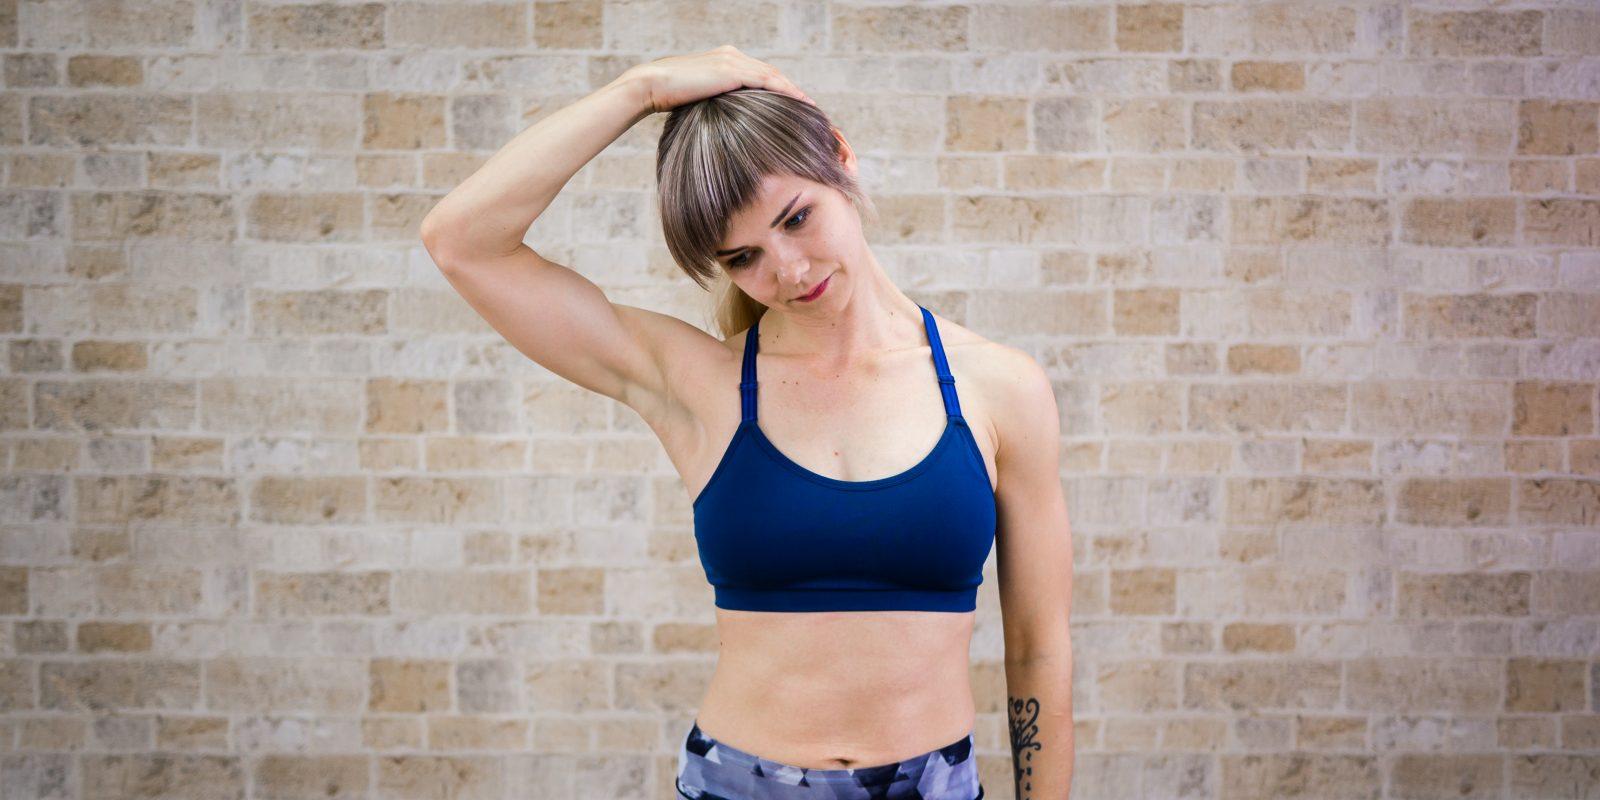 Упражнение на растяжку мышц. Упражнения на растяжку, или расти мышца большая и очень большая. Растяжка плечевых суставов